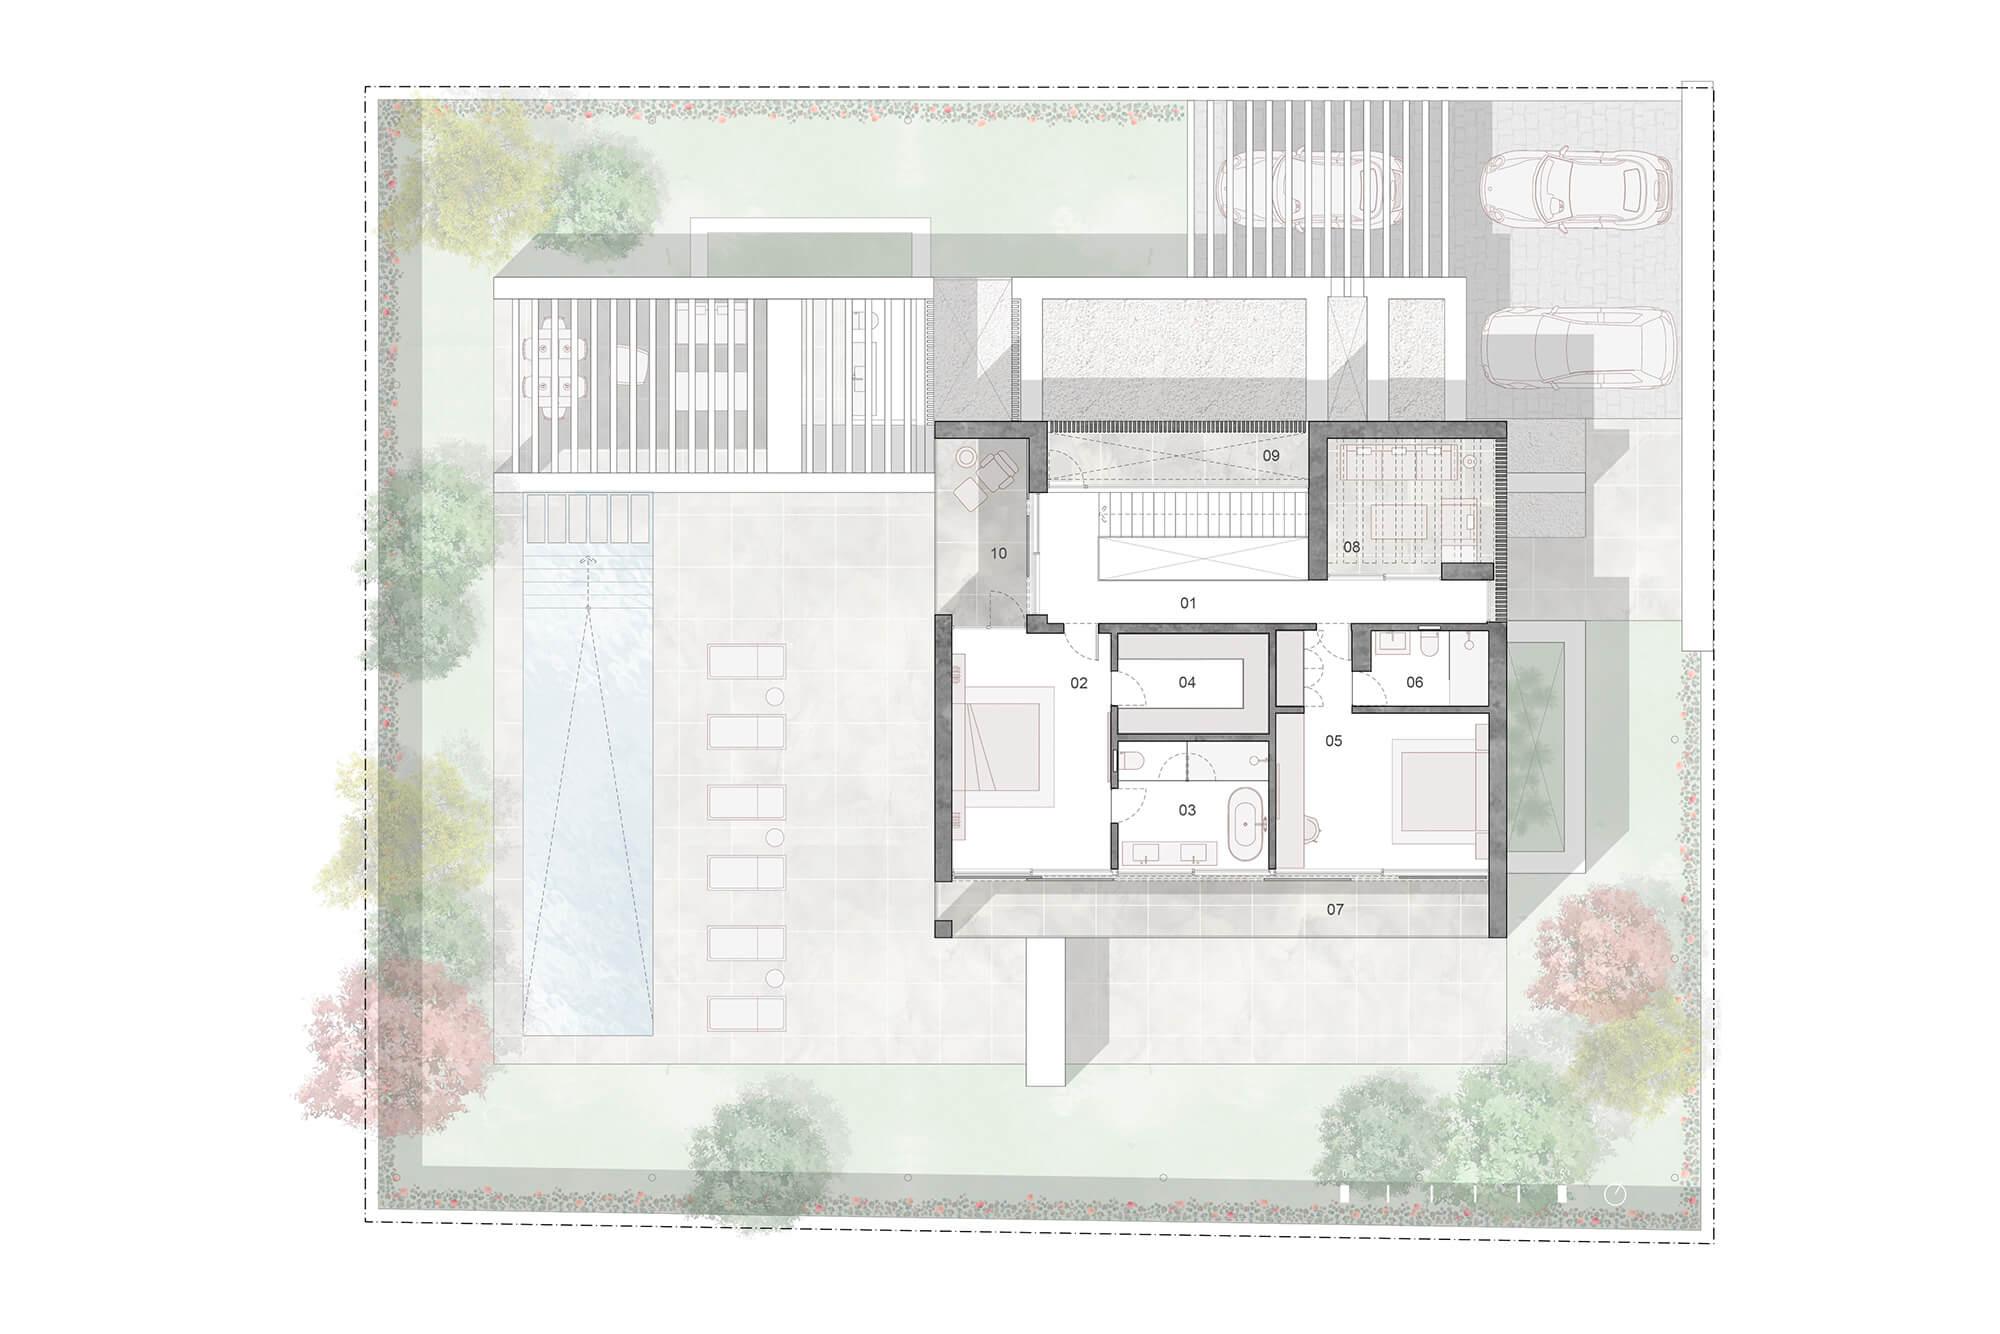 cortijo blanco beach villa vamoz te koop marbella costa del sol spanje nieuwbouw grondplan 1 verdieping